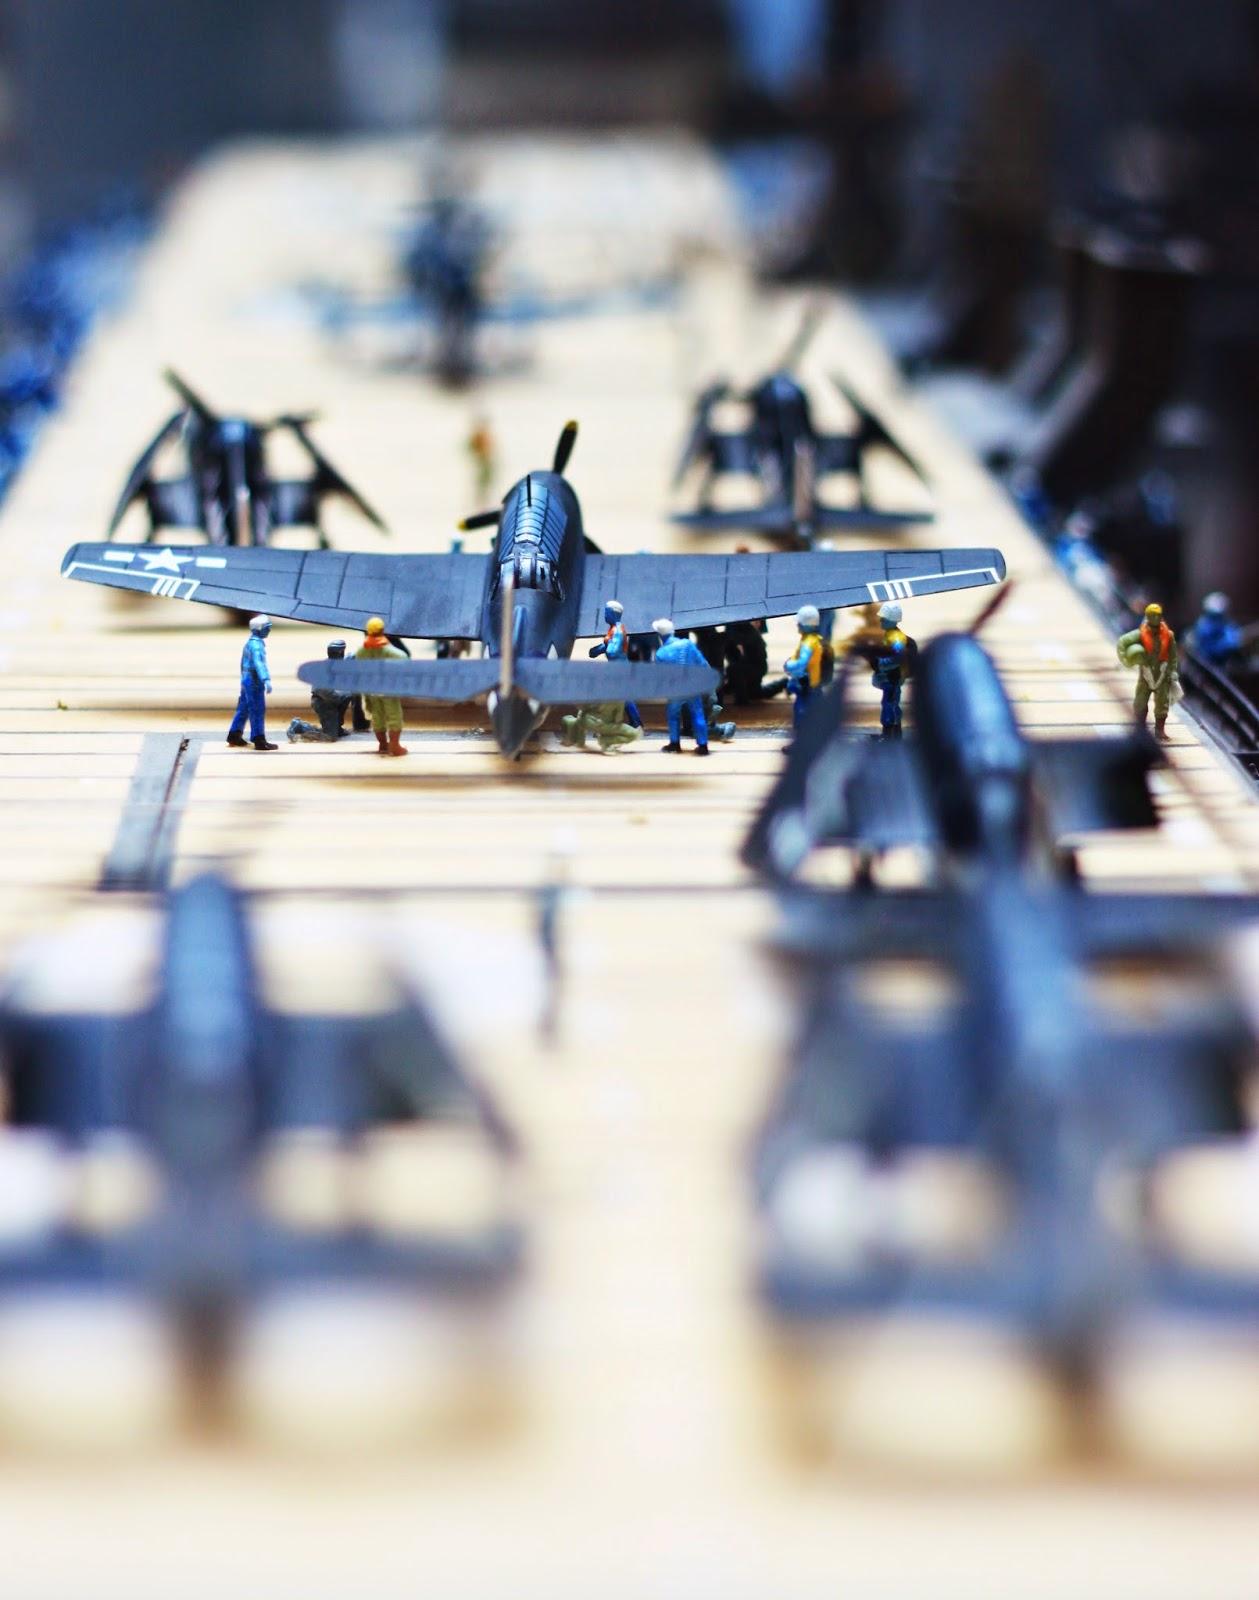 Pensacola NAS air craft carrier miniature